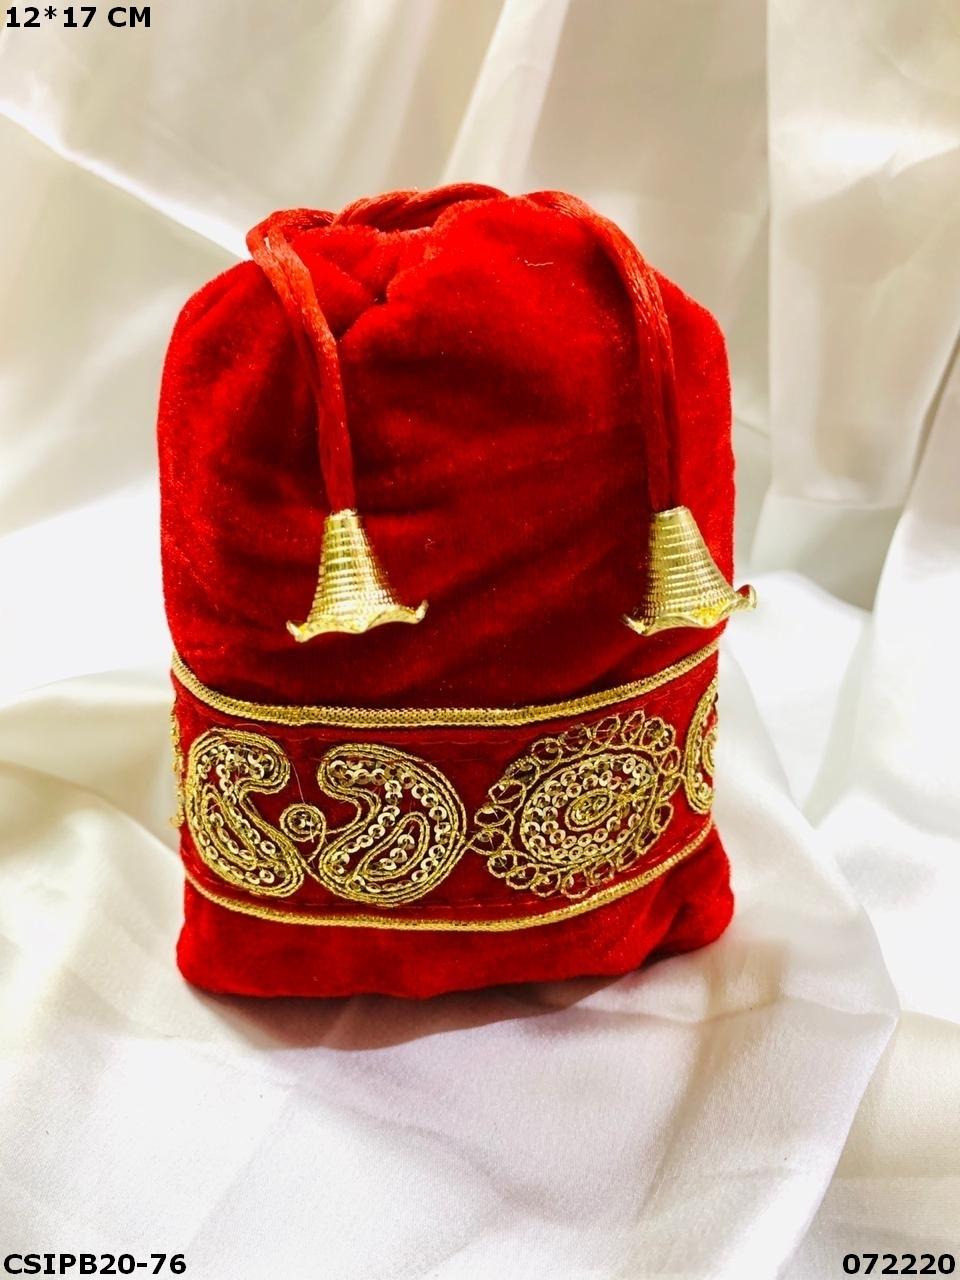 Stylish Potli Bag For Gifting